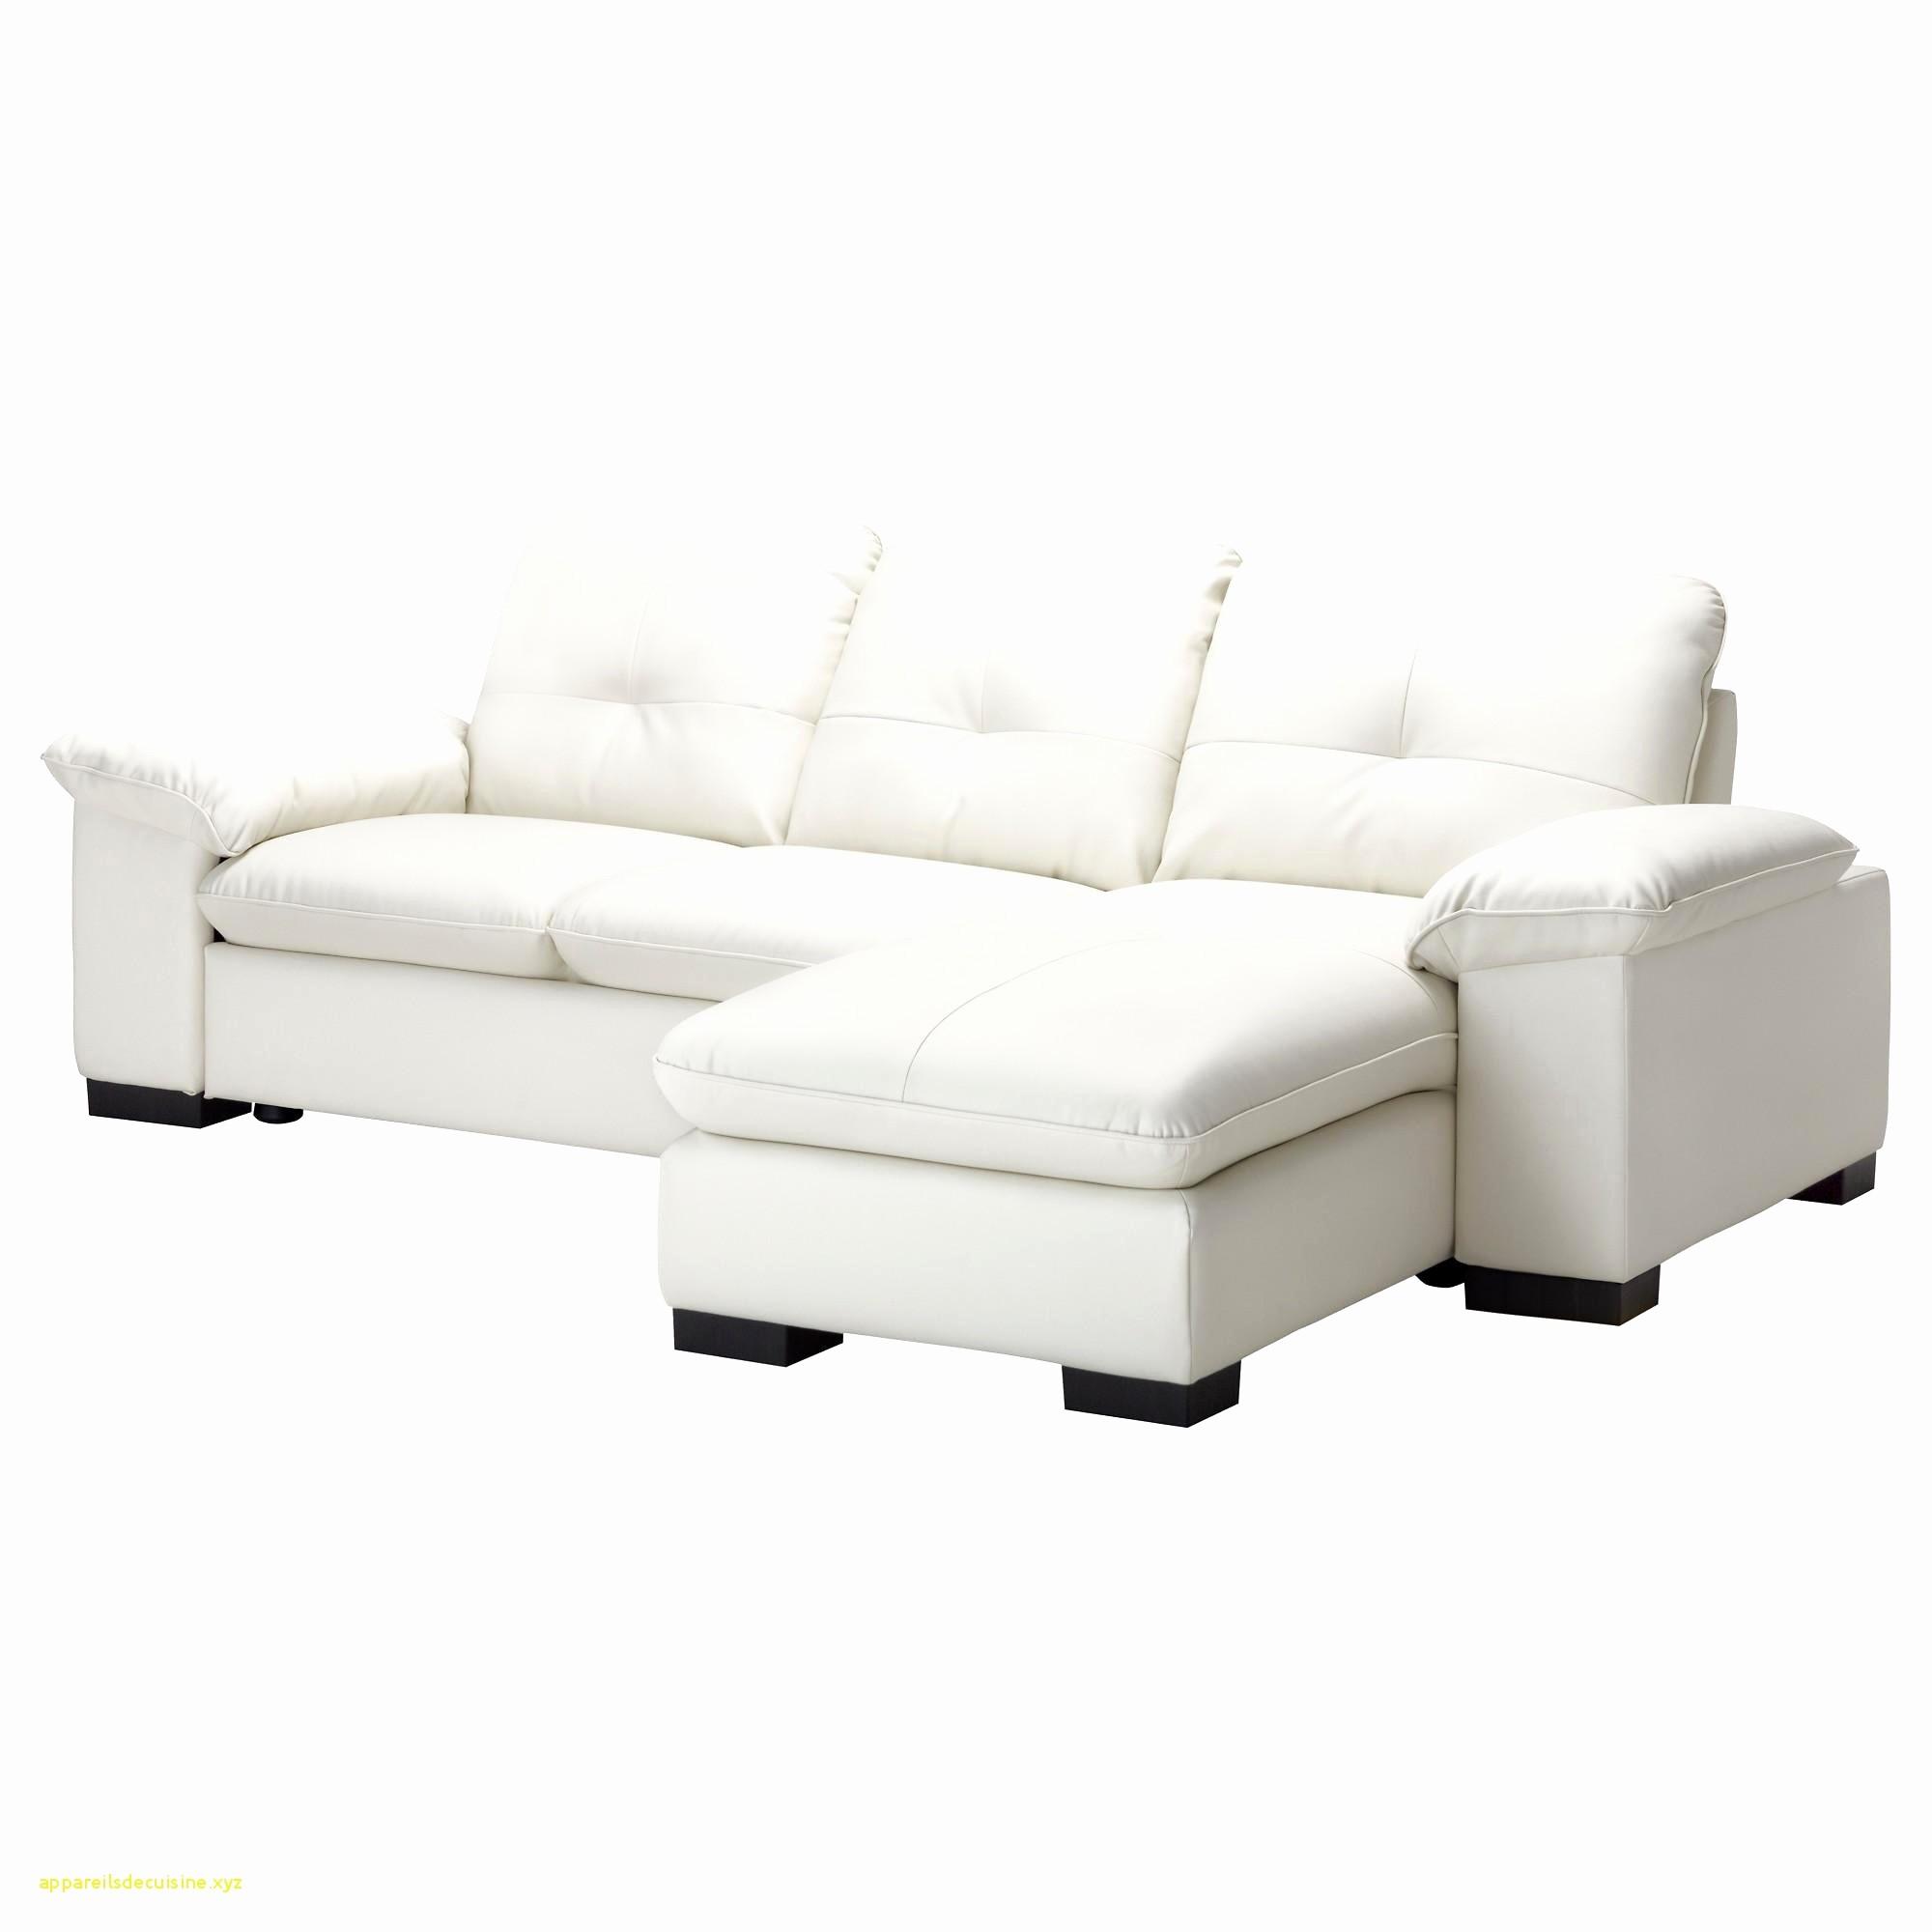 Sofas Chaise Longue Conforama Wddj Chaise Sleeper sofa Beau Chaise Ikea Bois Ikea Chaise Bar à Là Gant